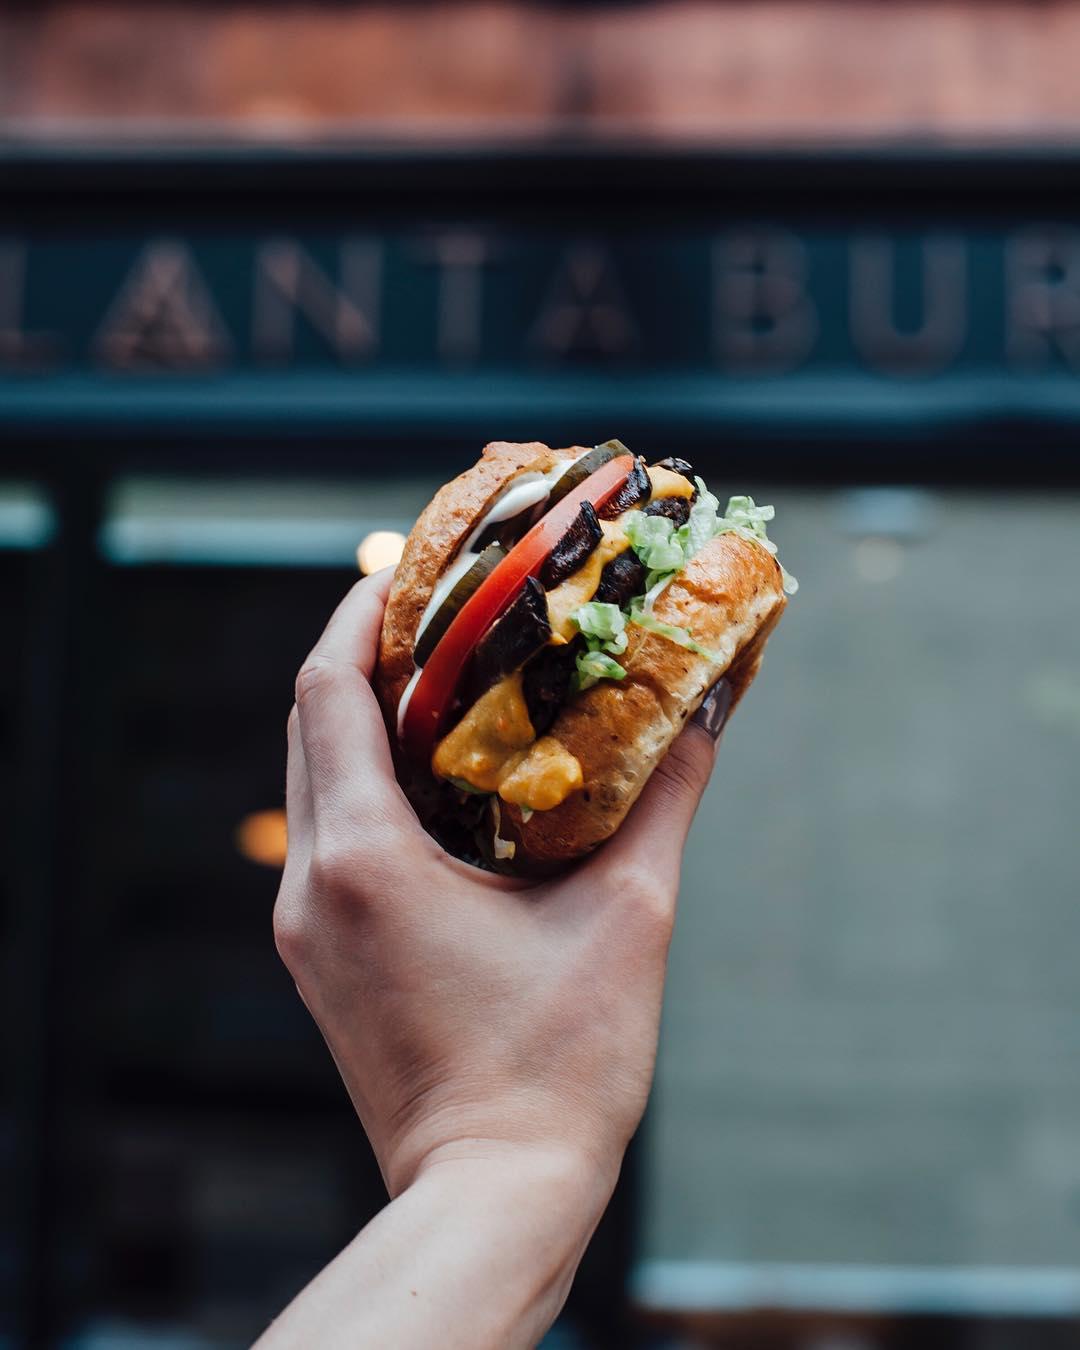 planta burger vegan plant based